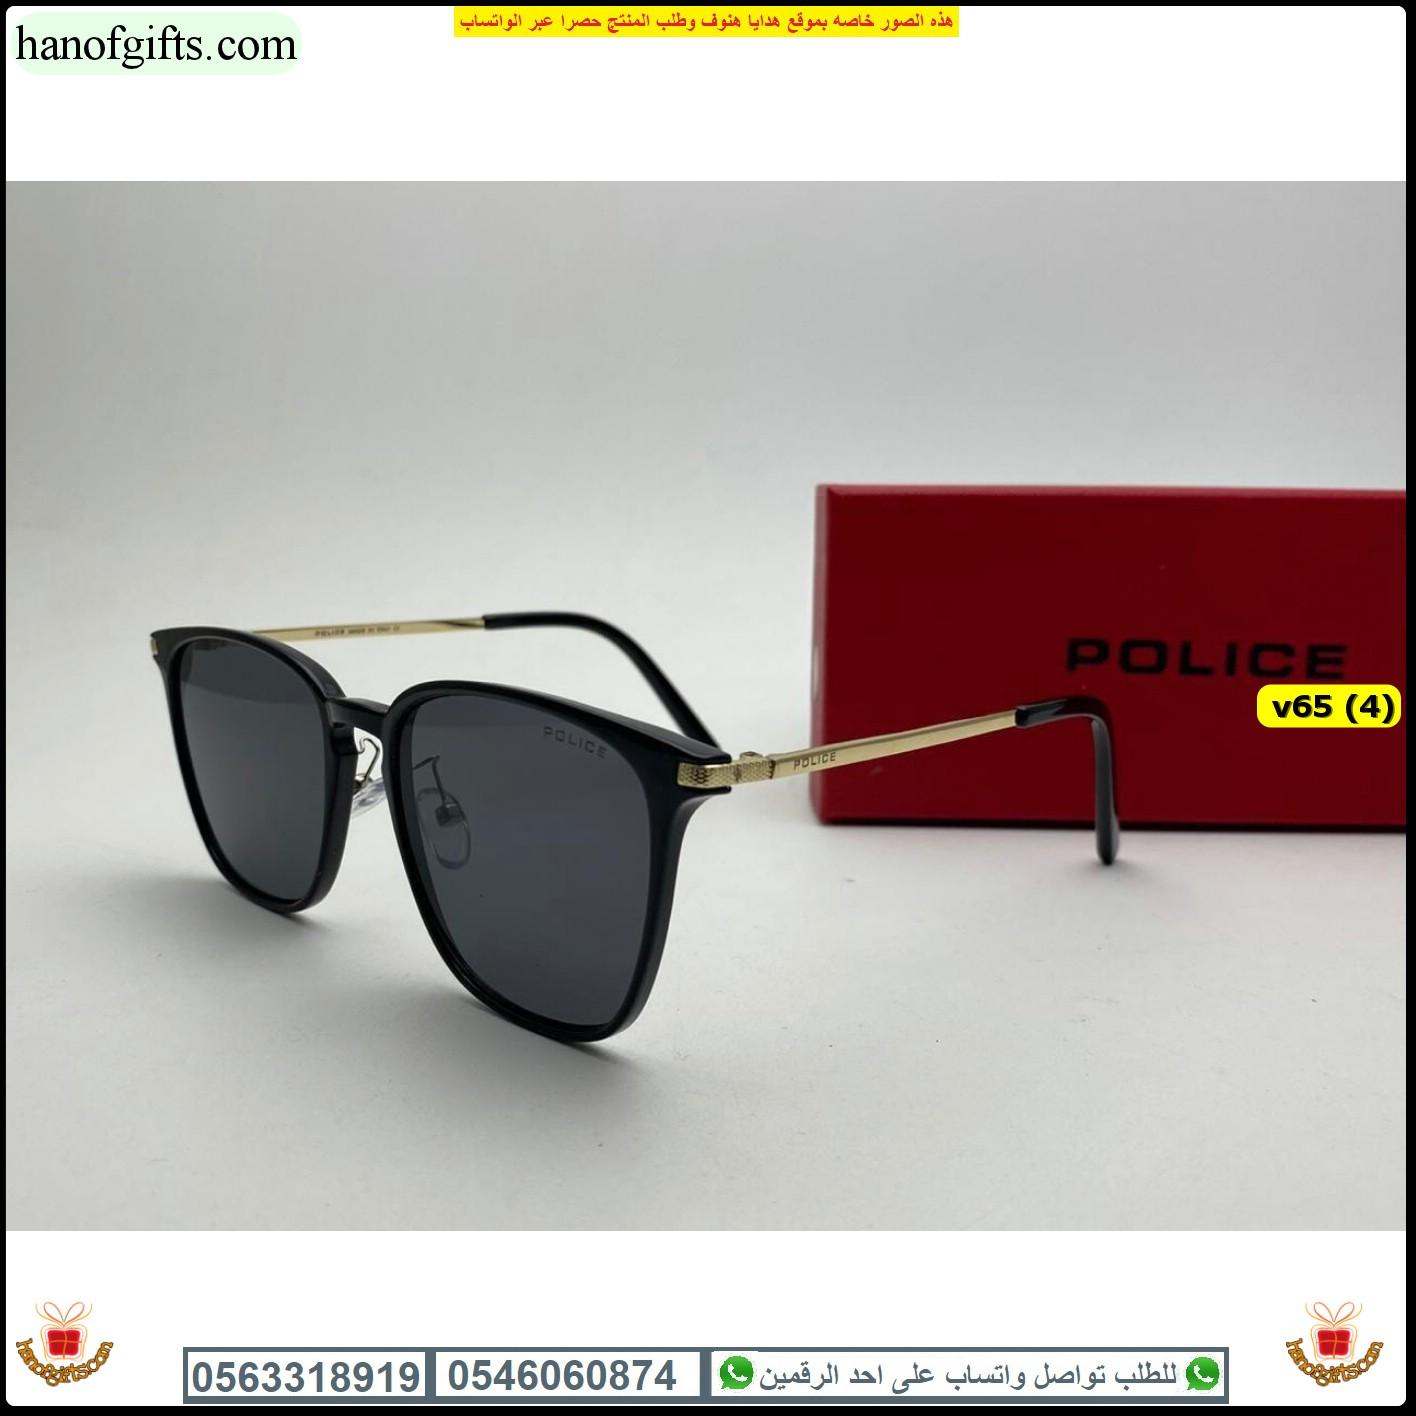 نظارات بوليس 2020